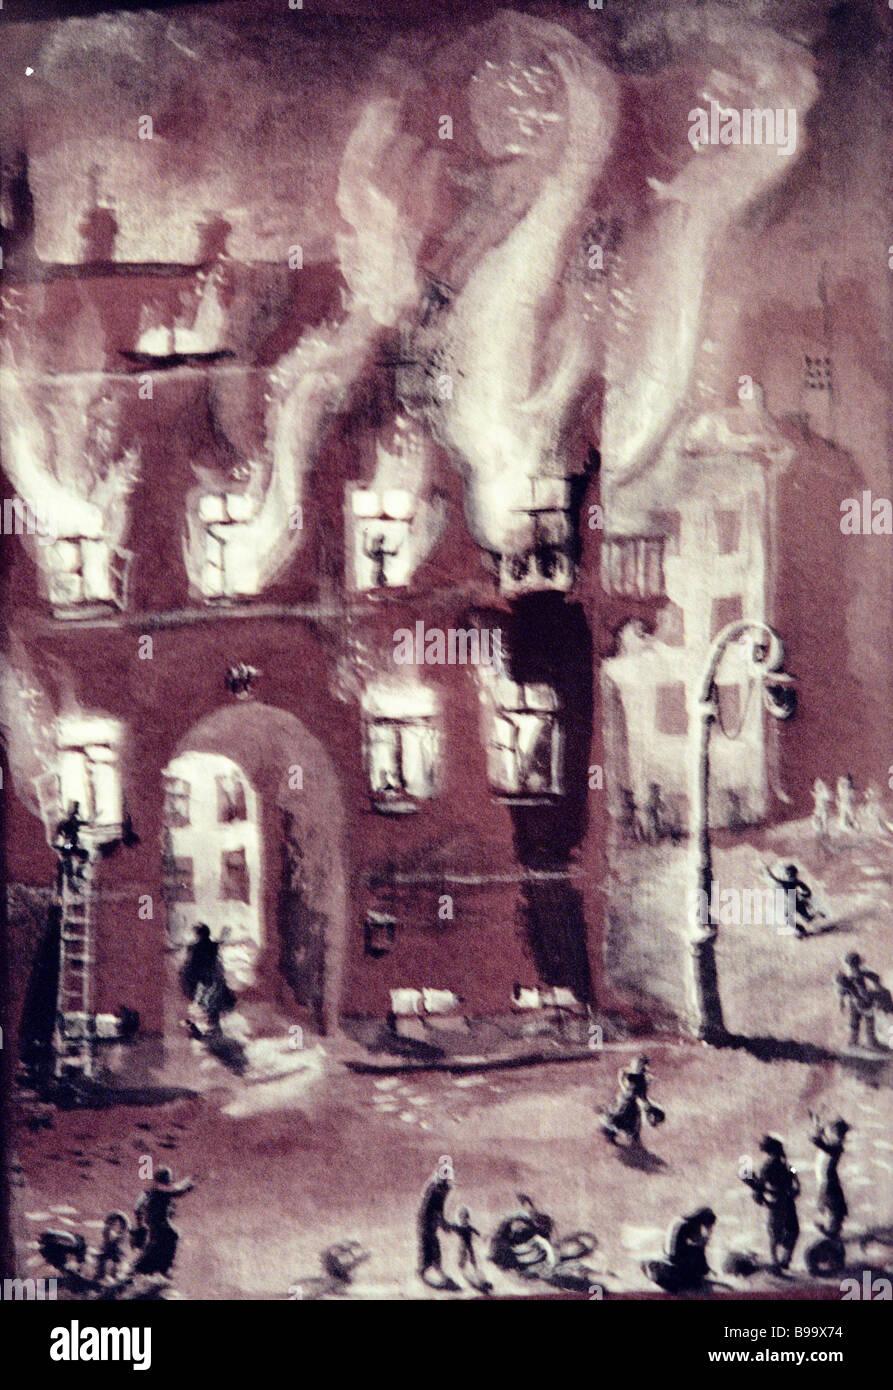 Feuer durch Alexander Blek Reproduktion in der Kriegszeit Grafiken Ausstellung gewidmet, die Belagerung von Leningrad Stockbild